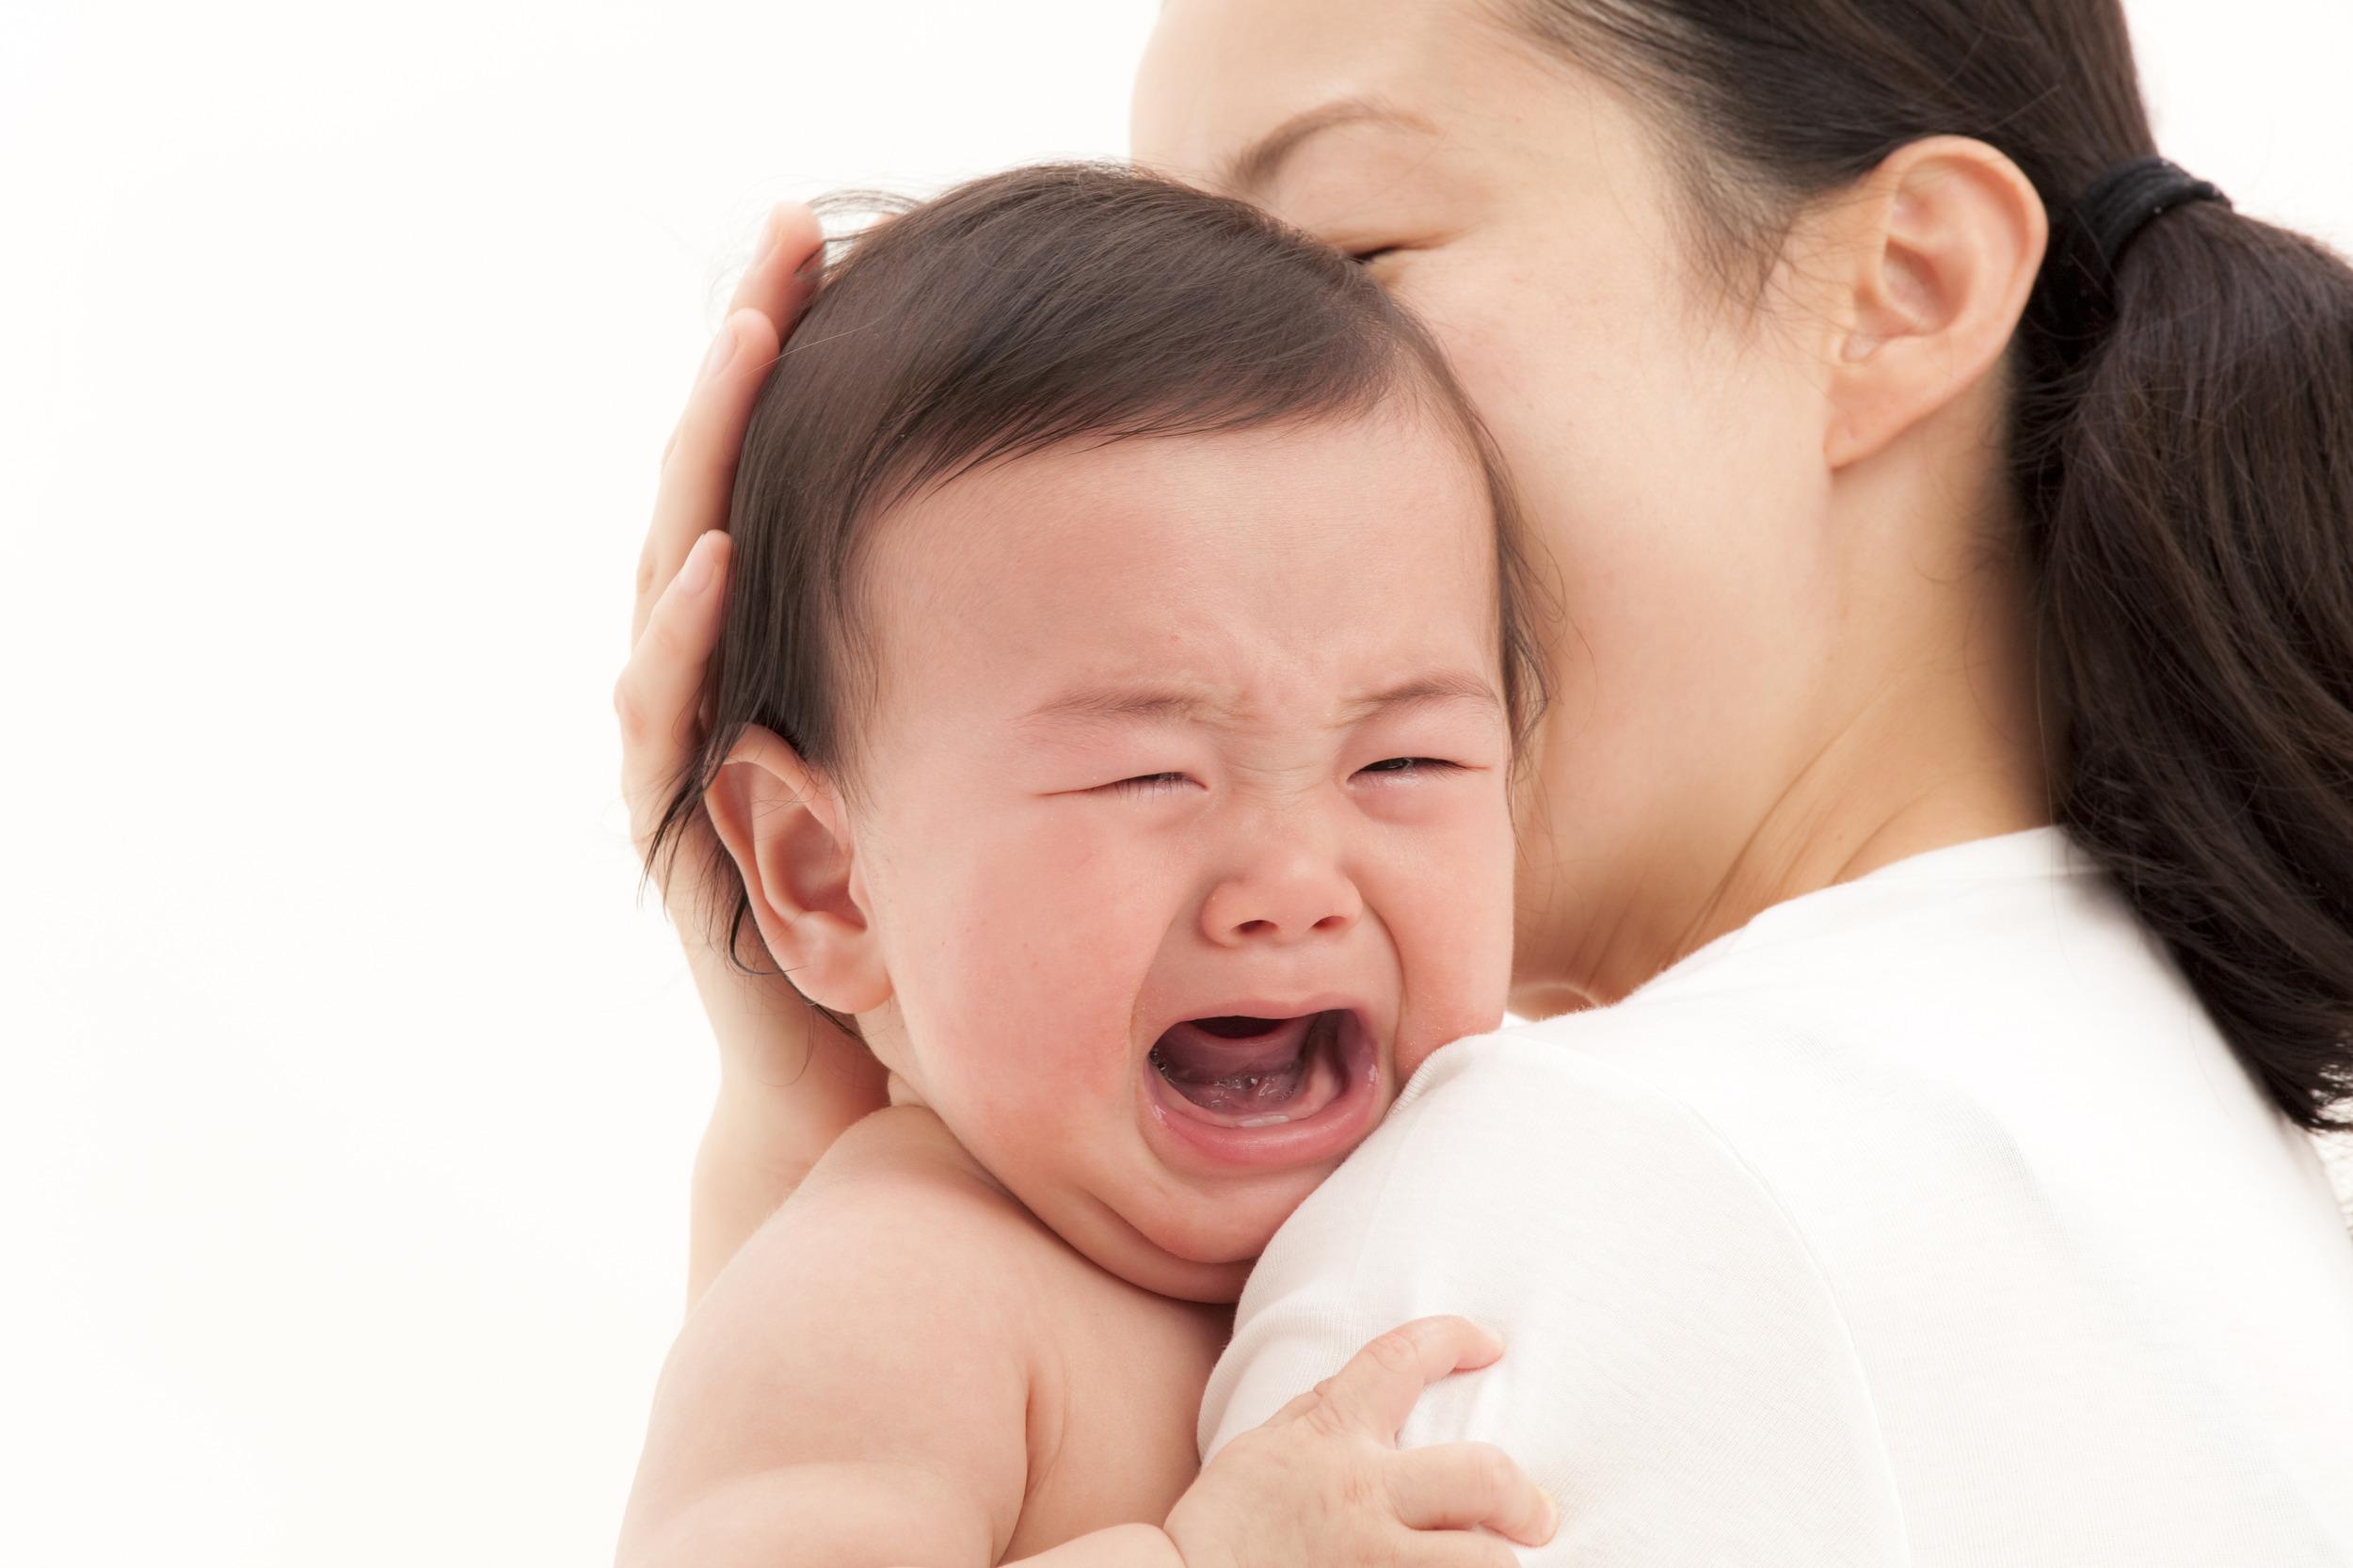 Khi bé khóc, phụ huynh nên tìm nguyên nhân rồi tạo bé cảm giác an toàn